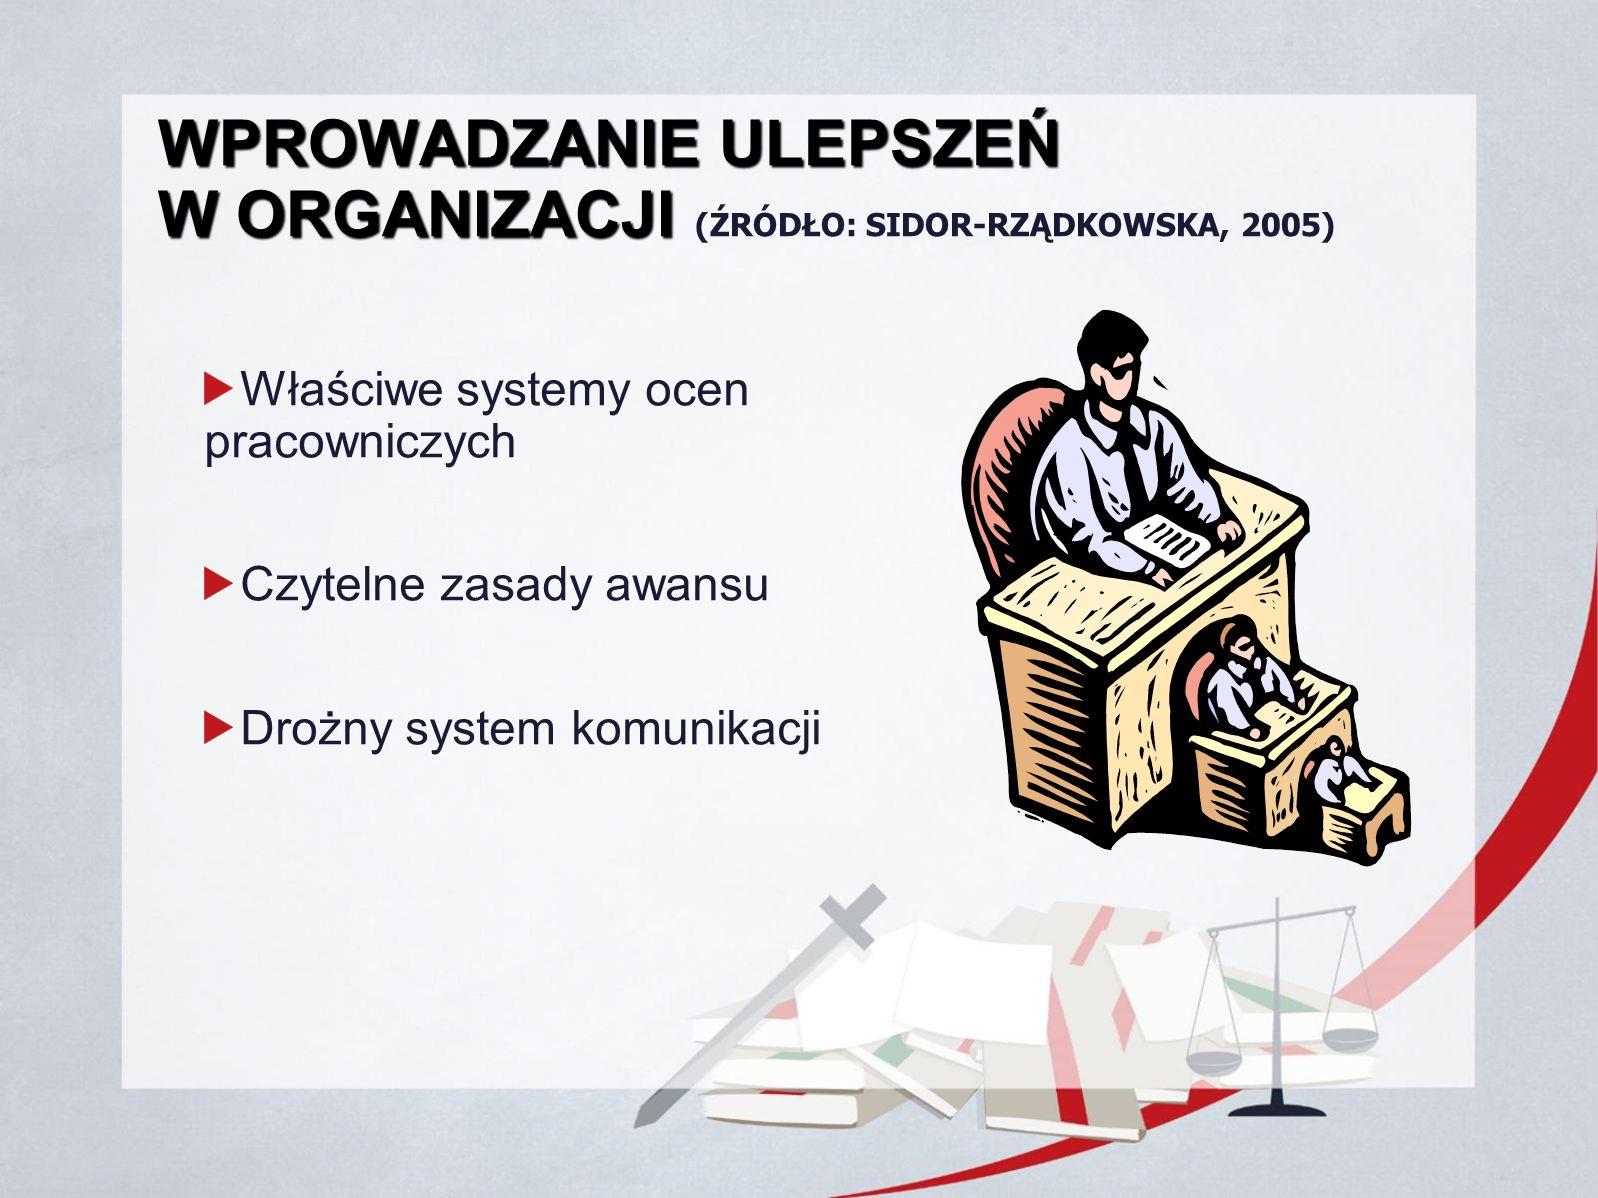 Wprowadzanie ulepszeń w organizacji (Źródło: Sidor-Rządkowska, 2005)